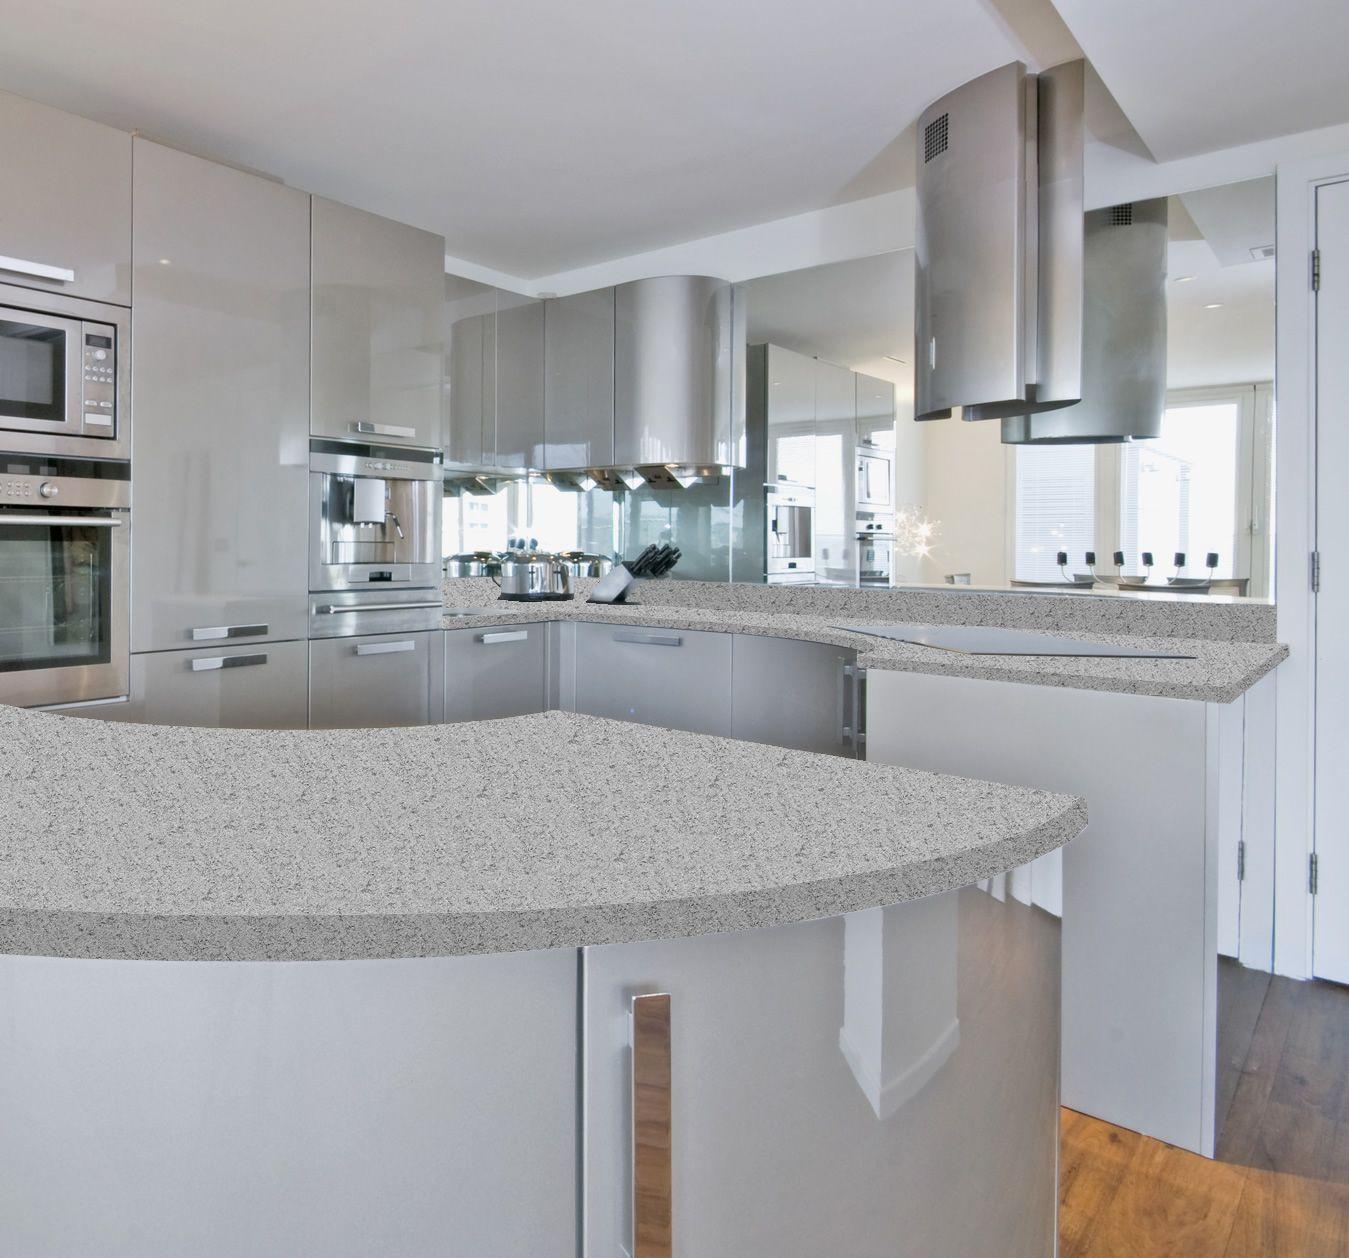 Countertop Reglazing Diy Kitchen Countertops Countertops